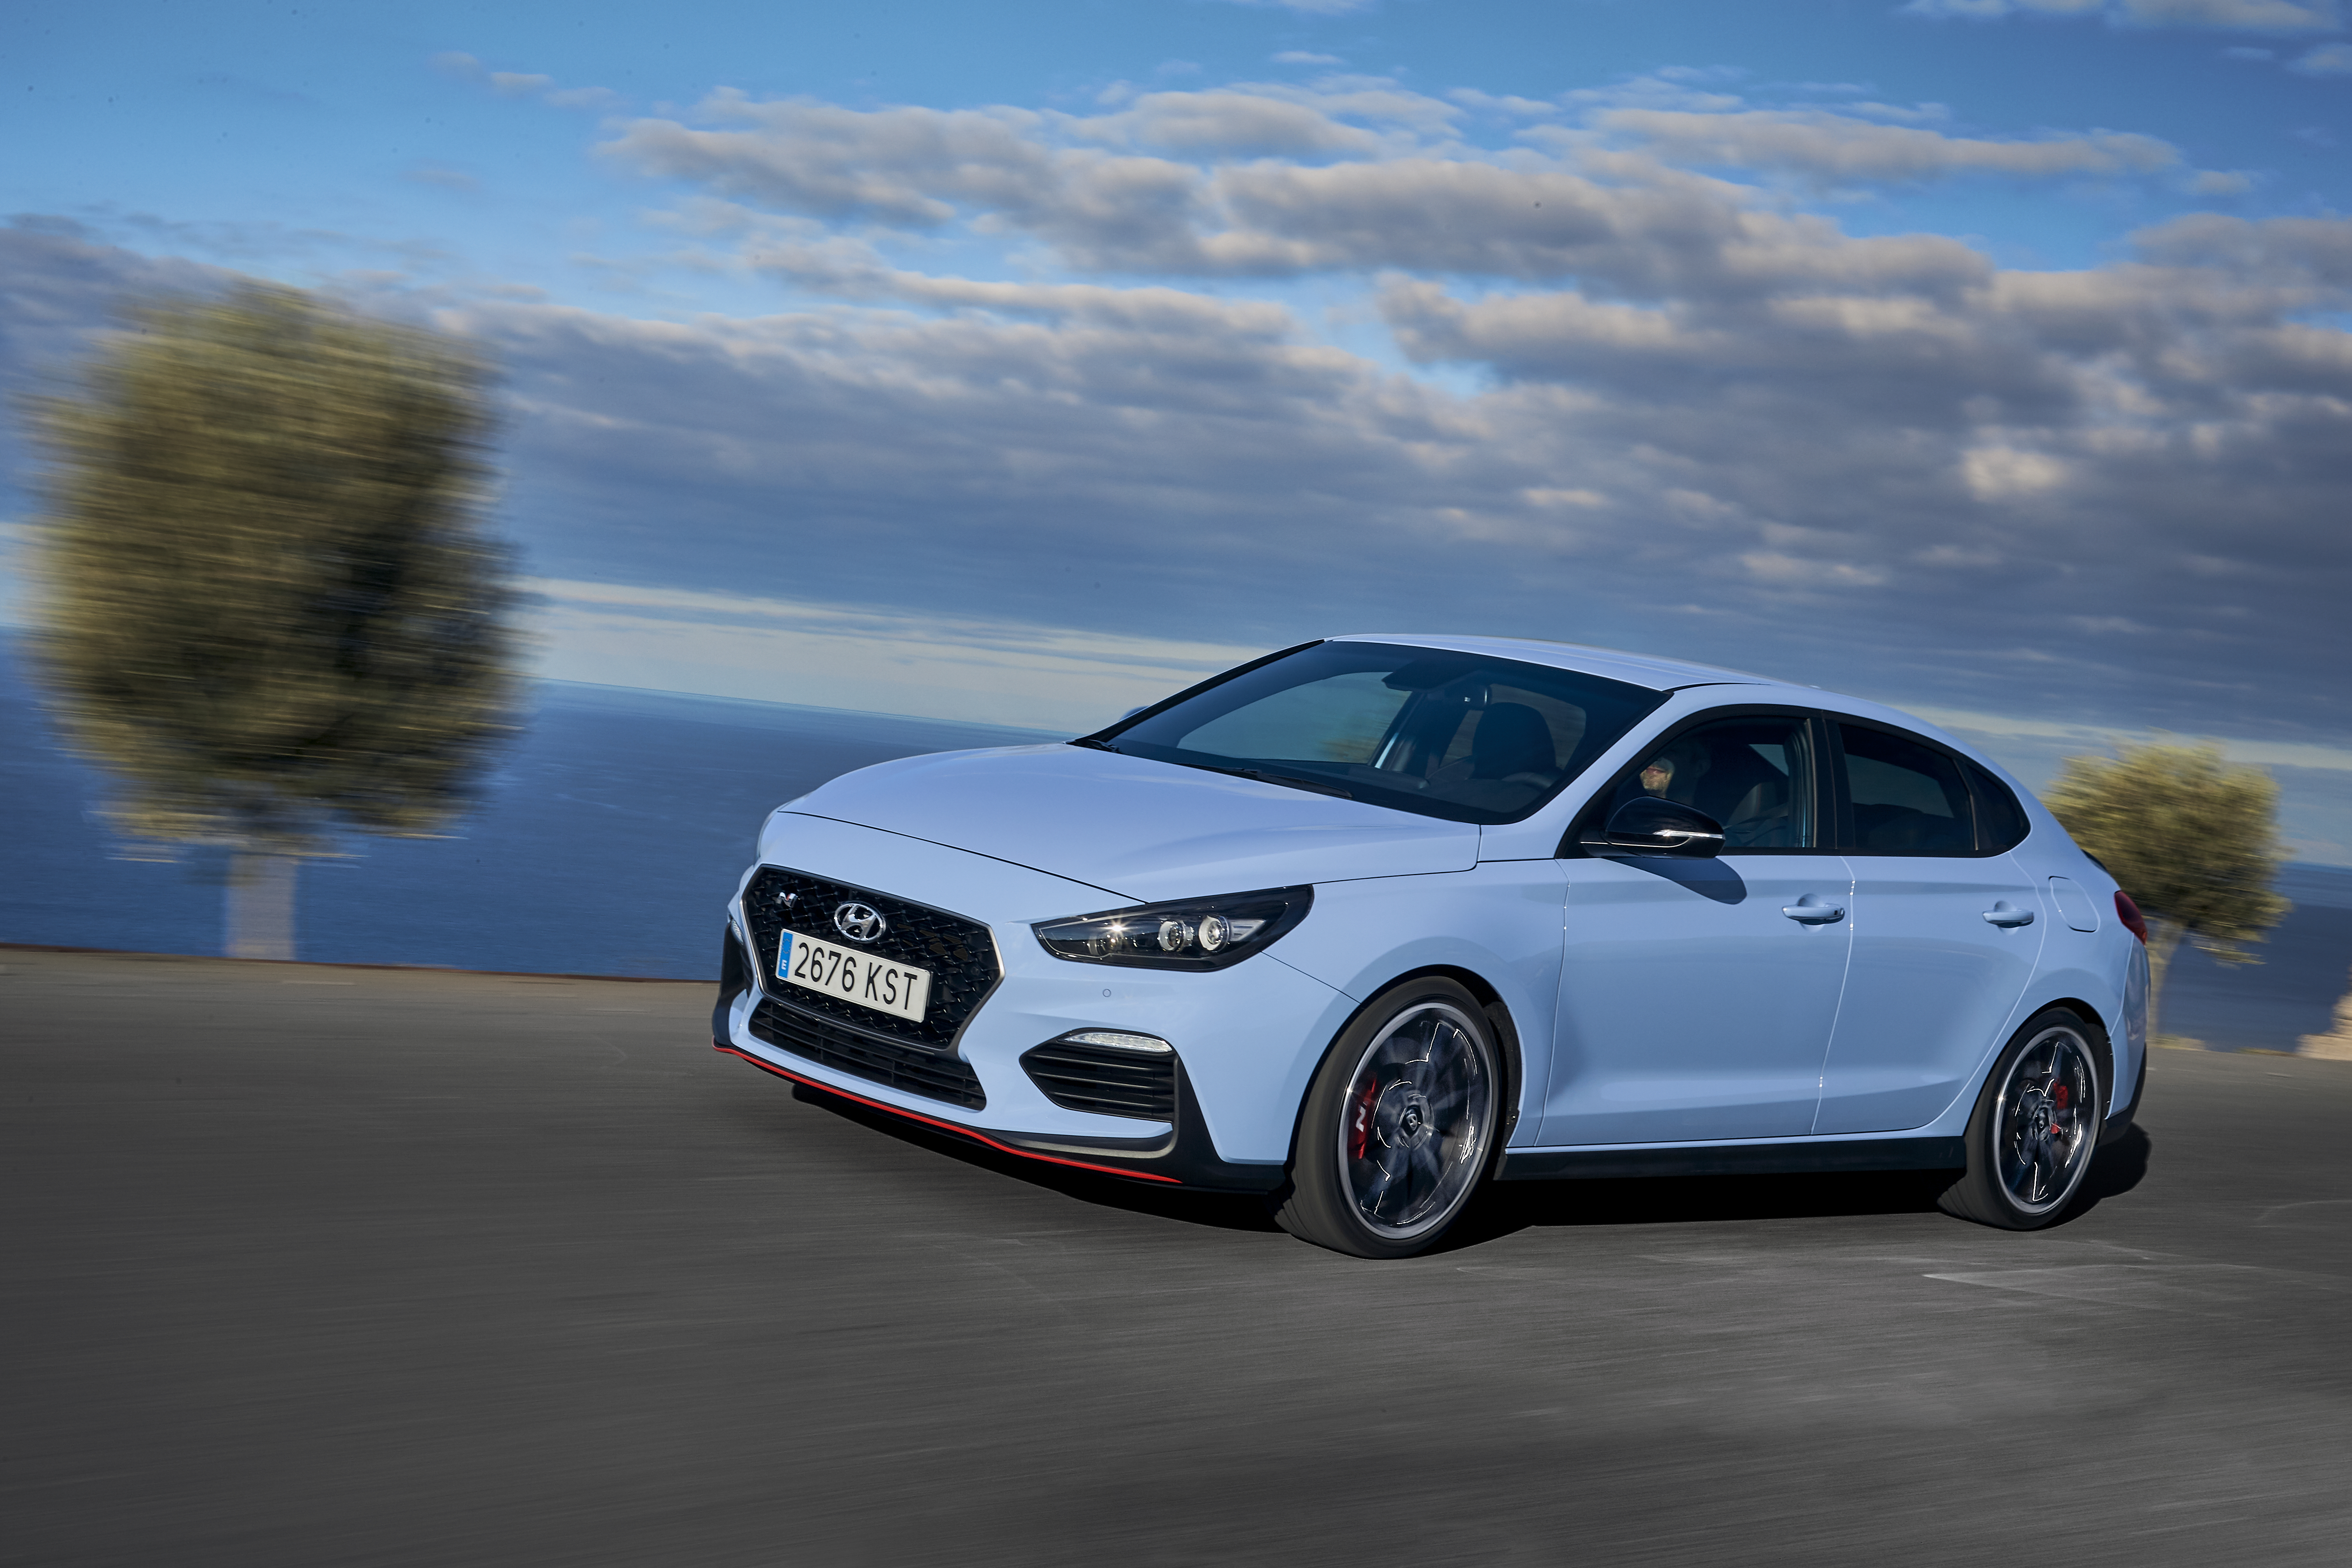 Primeiro ensaio Hyundai i30 Fastback N: proposta refinada